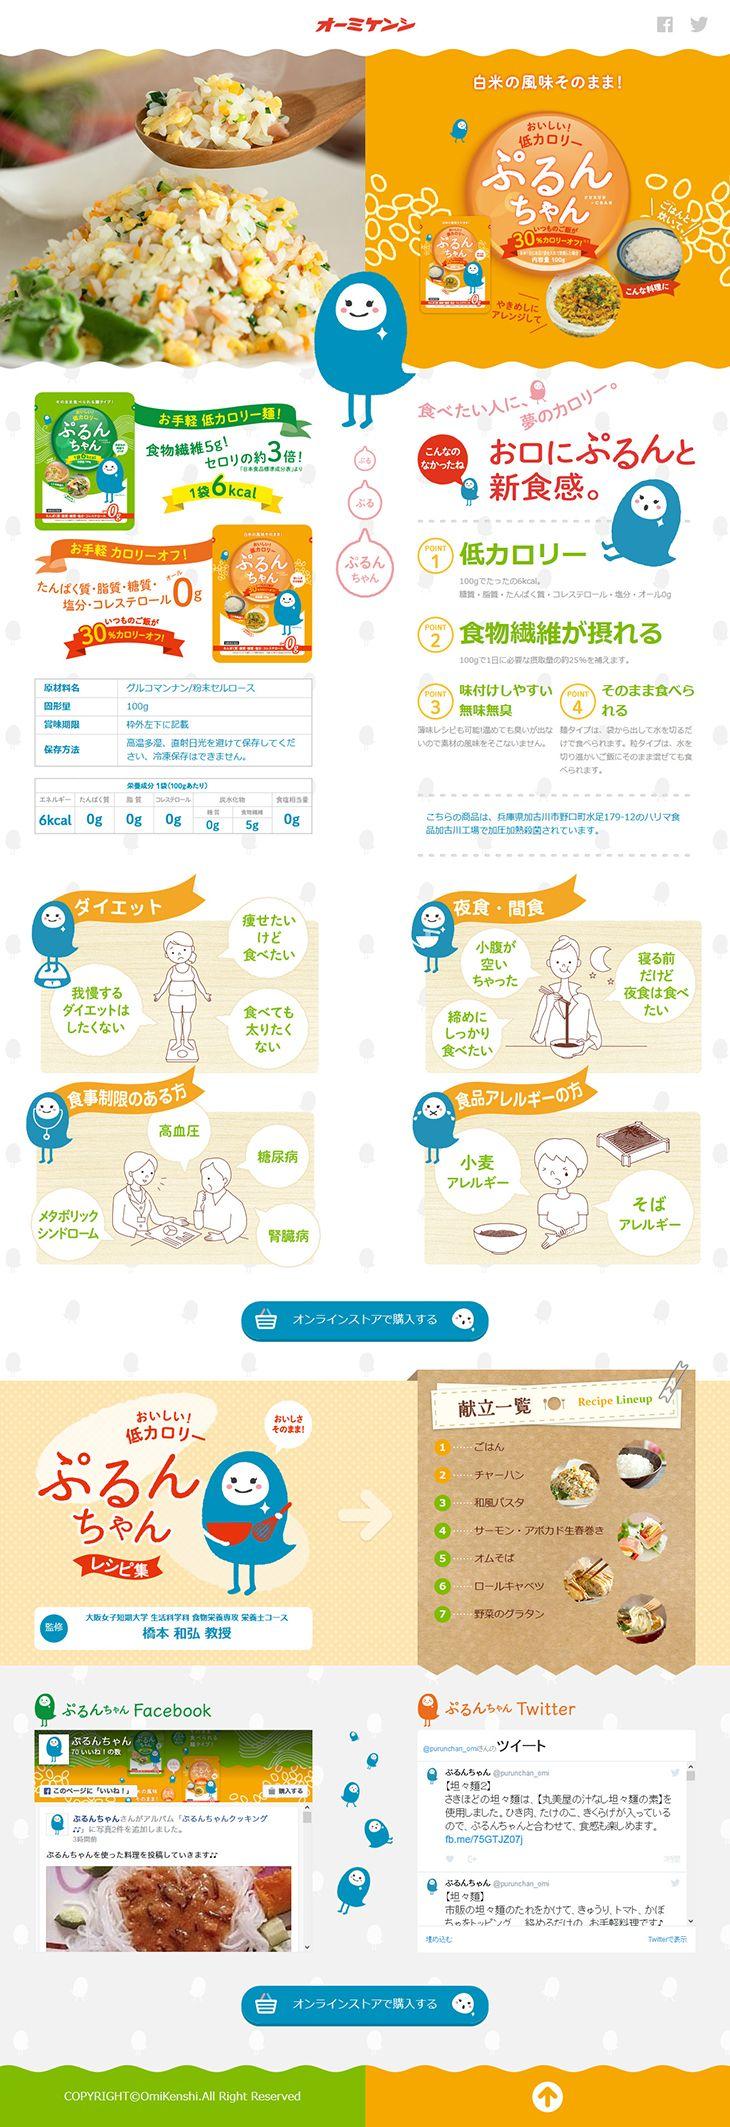 ぷるんちゃん【健康・美容食品関連】のLPデザイン。WEBデザイナーさん必見!ランディングページのデザイン参考に(かわいい系)